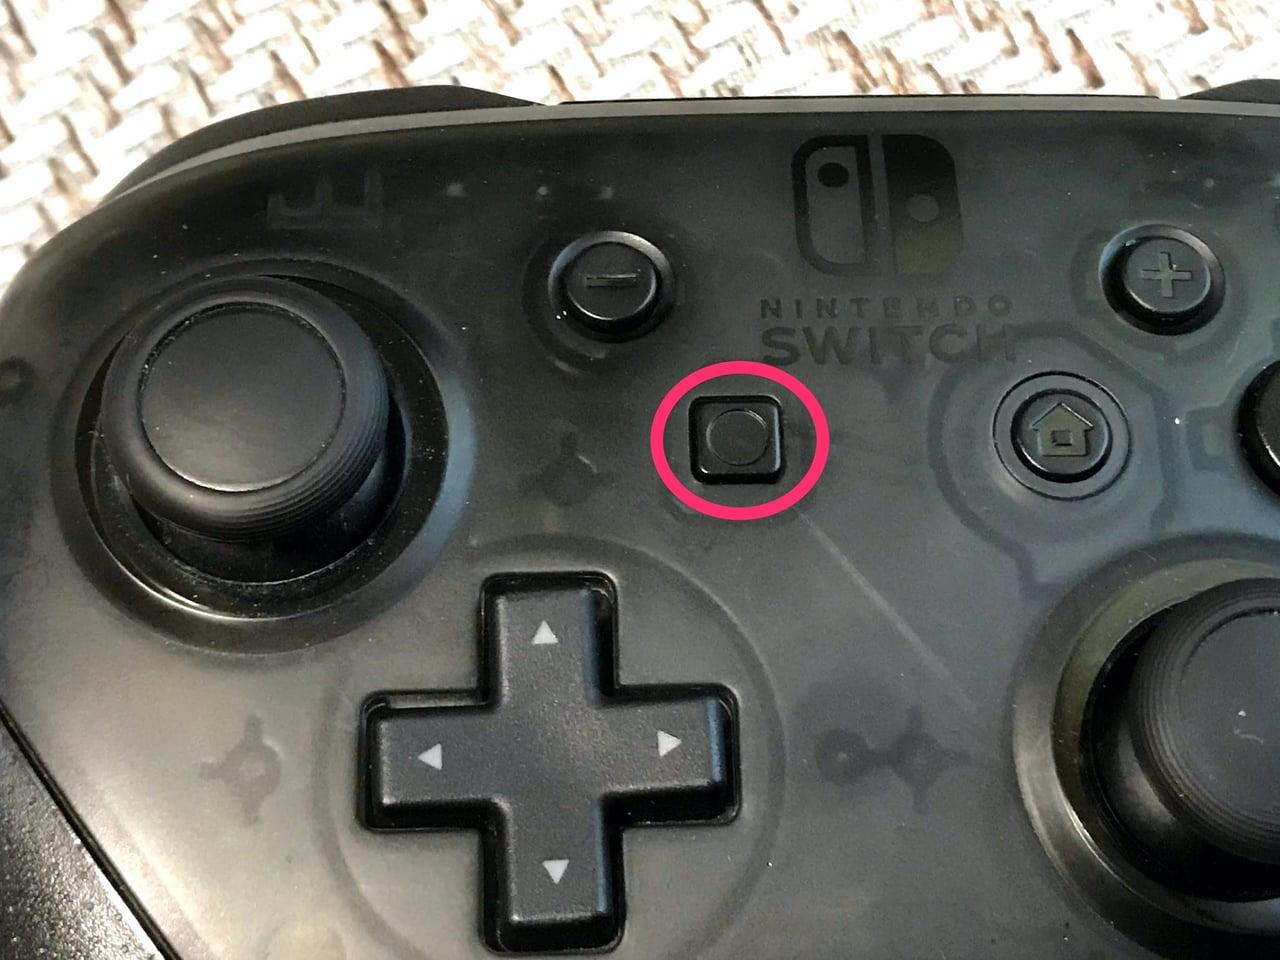 Proコントローラーの撮影ボタン